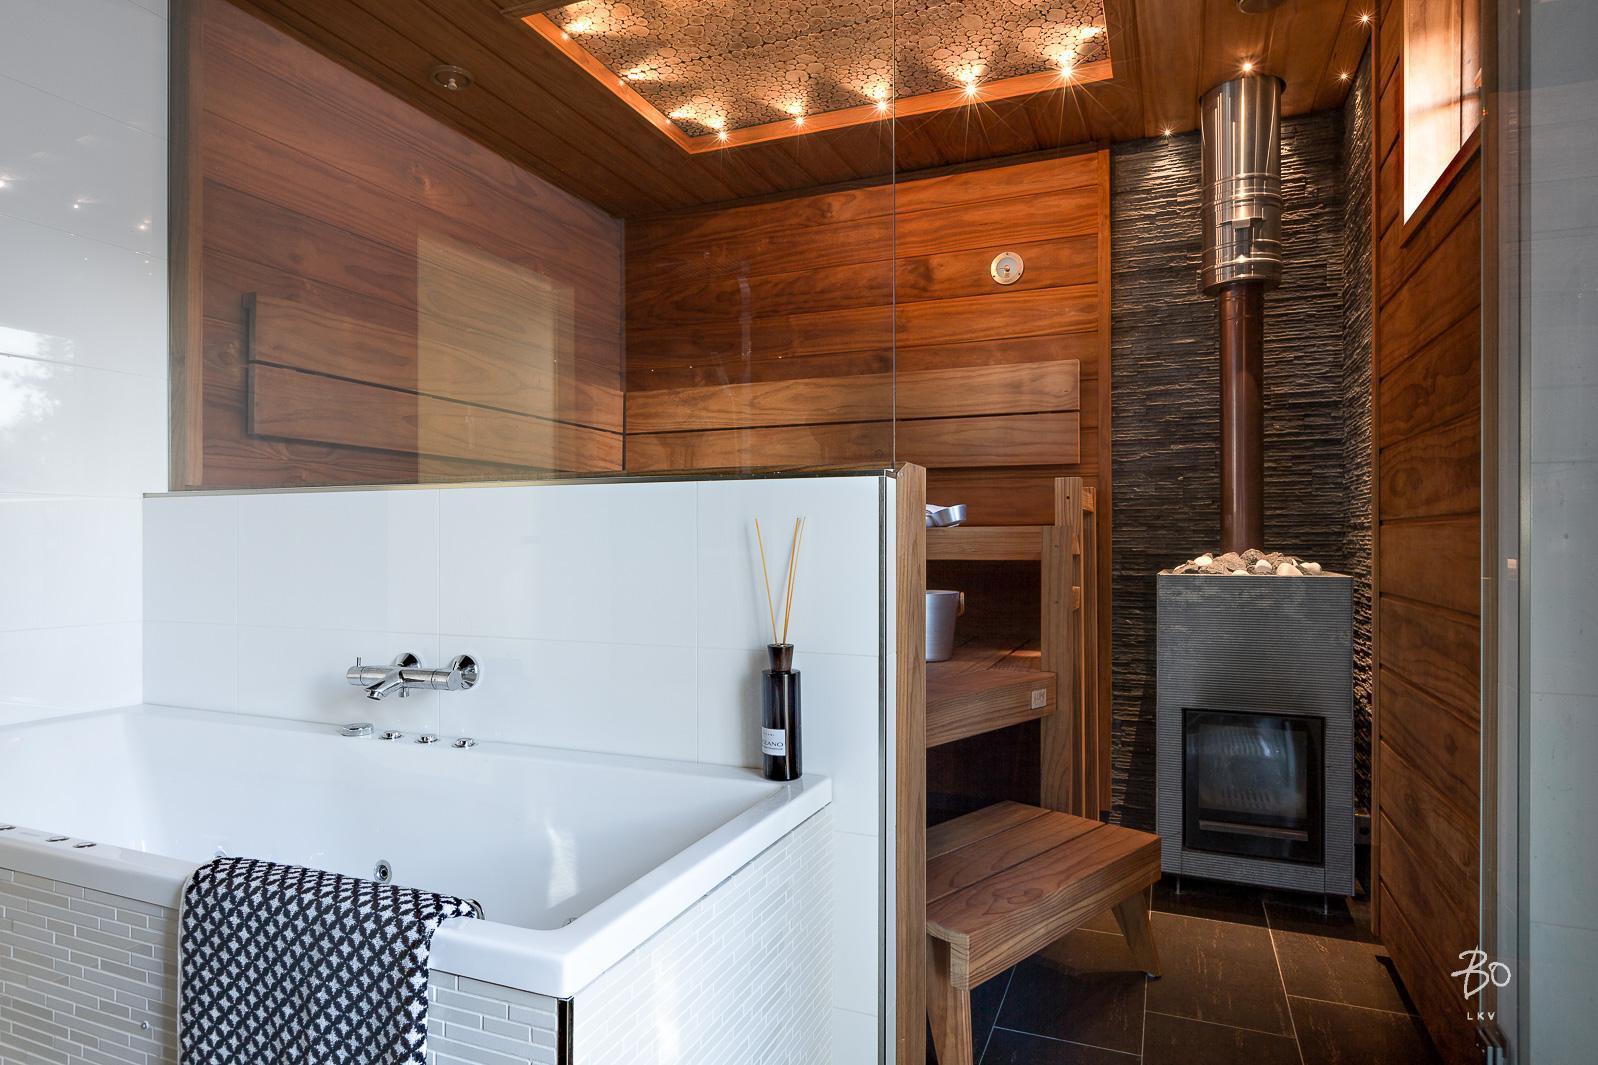 Kylpyhuoneen ja saunan välinen lasiseinä avartaa tilan  Etuovi com Ideat &am